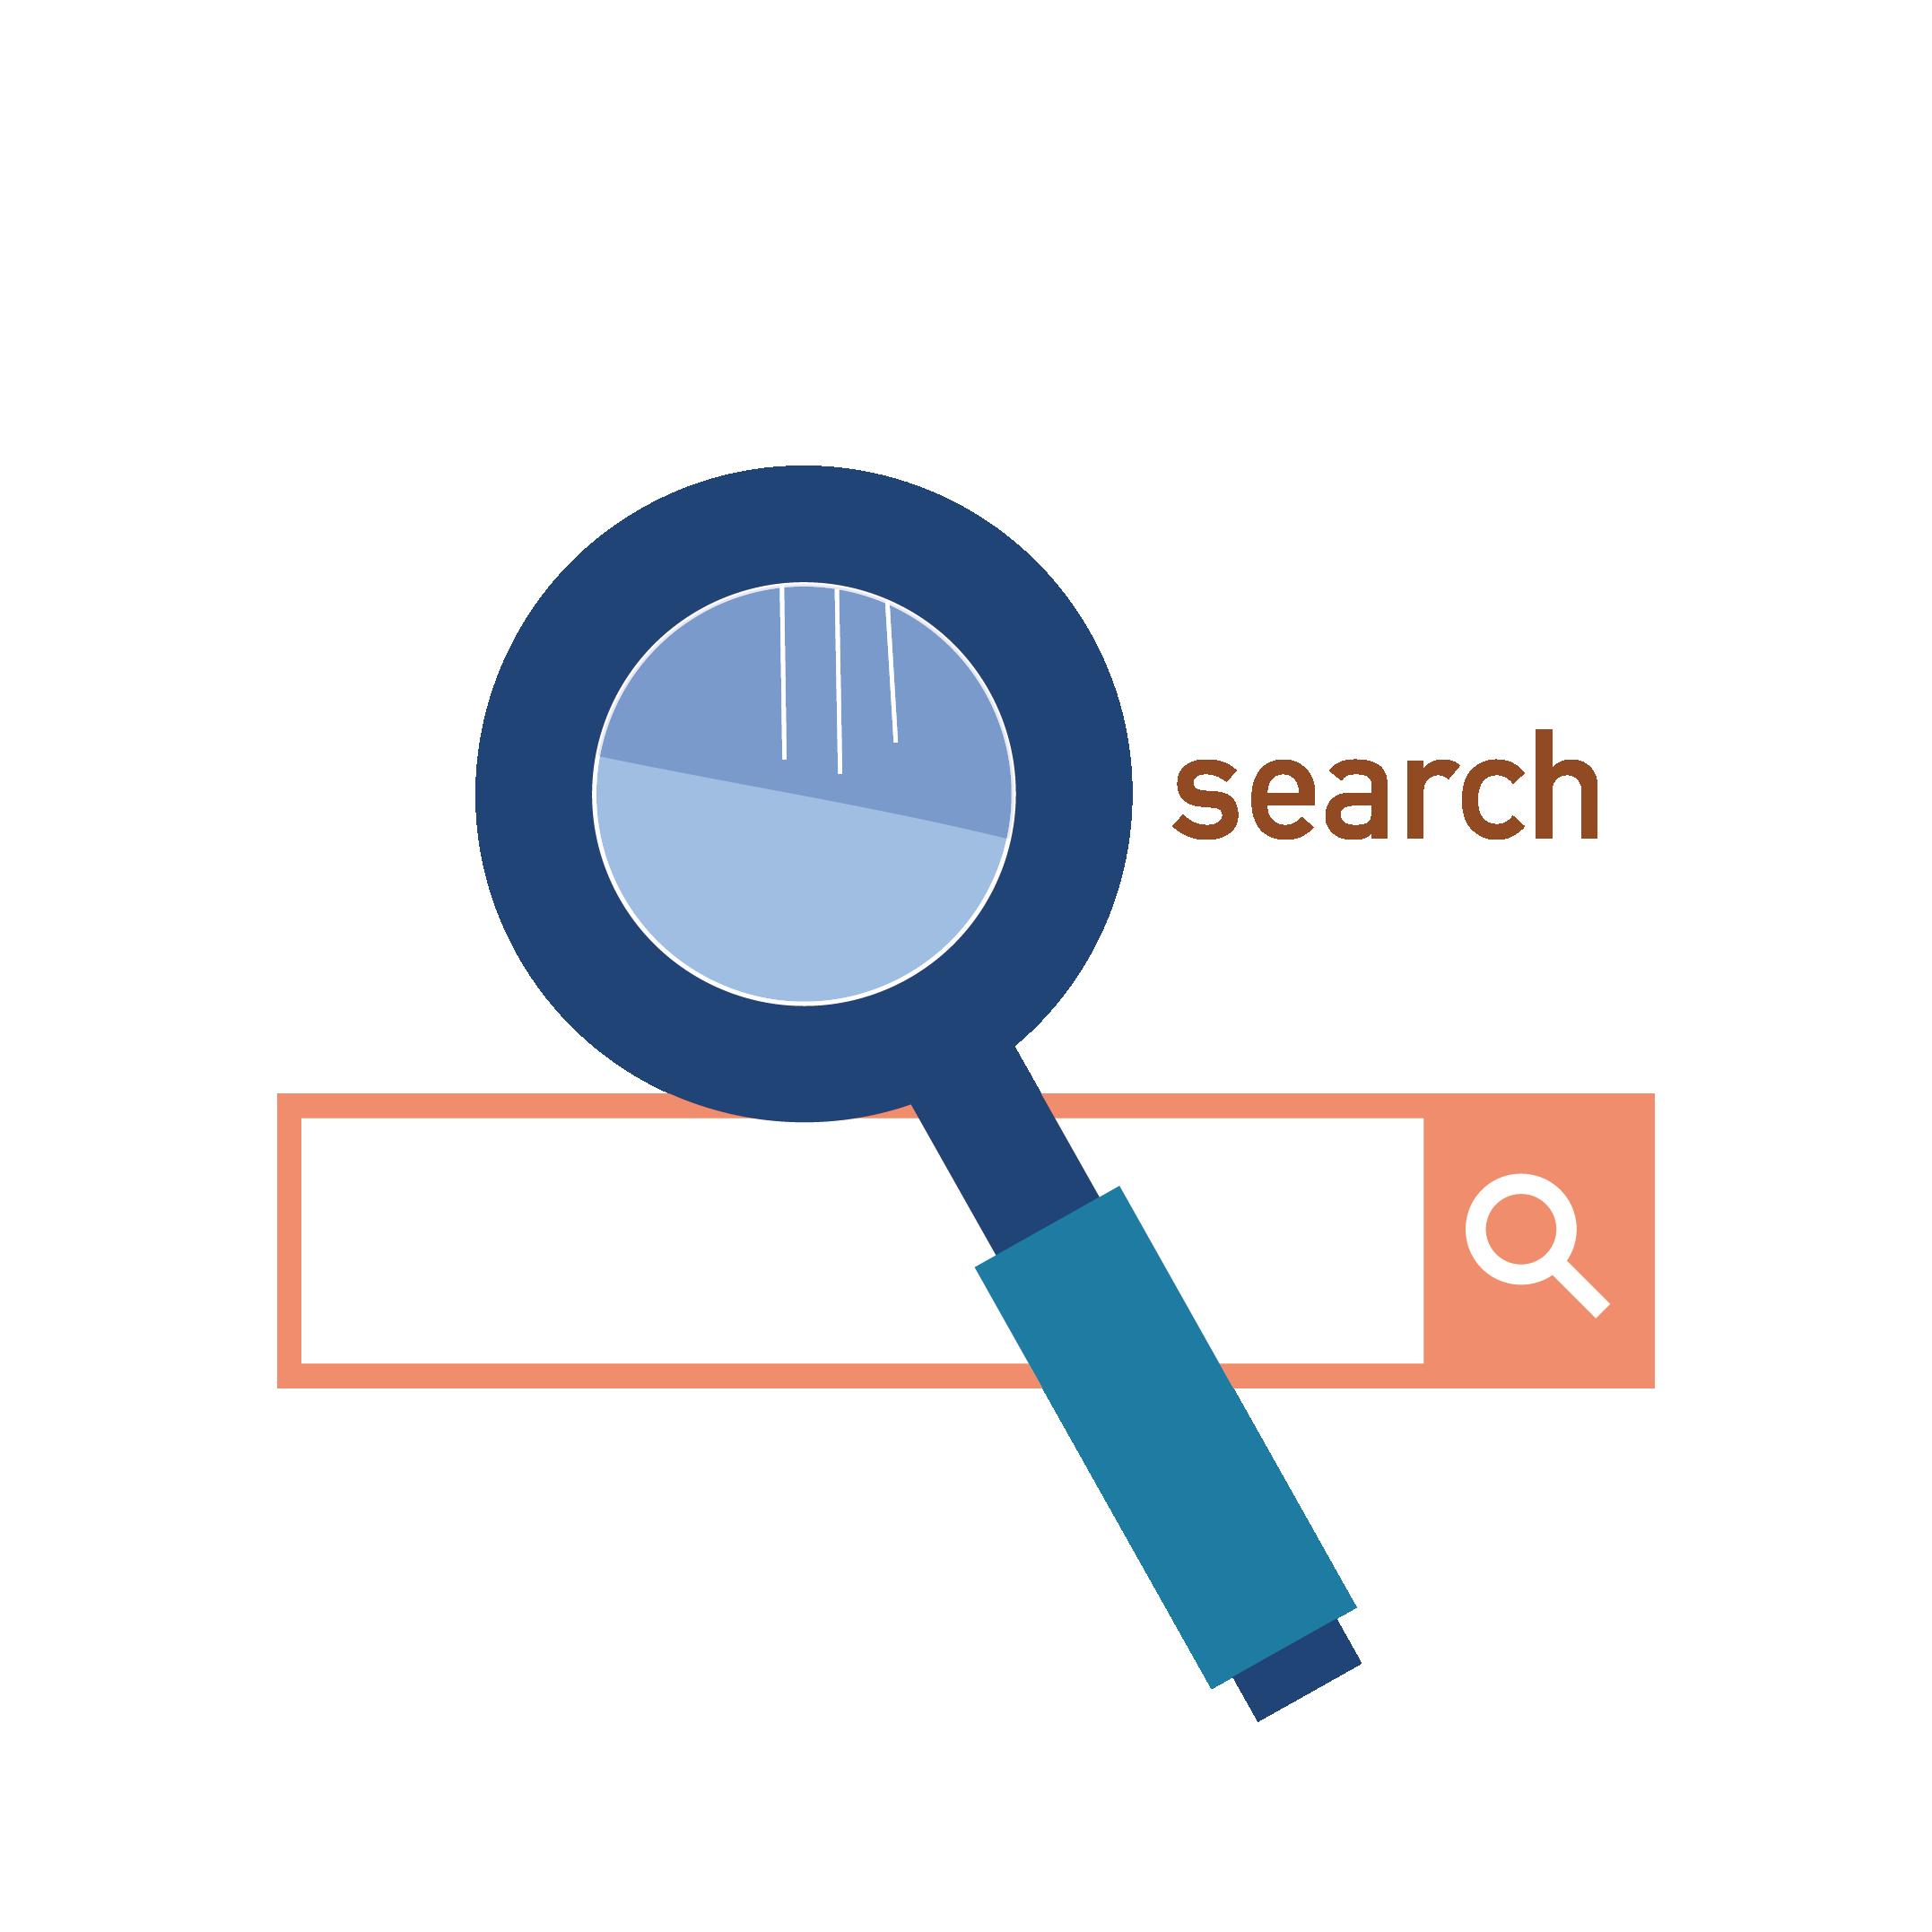 検索マーク イラストインターネット検索 商用フリー無料の